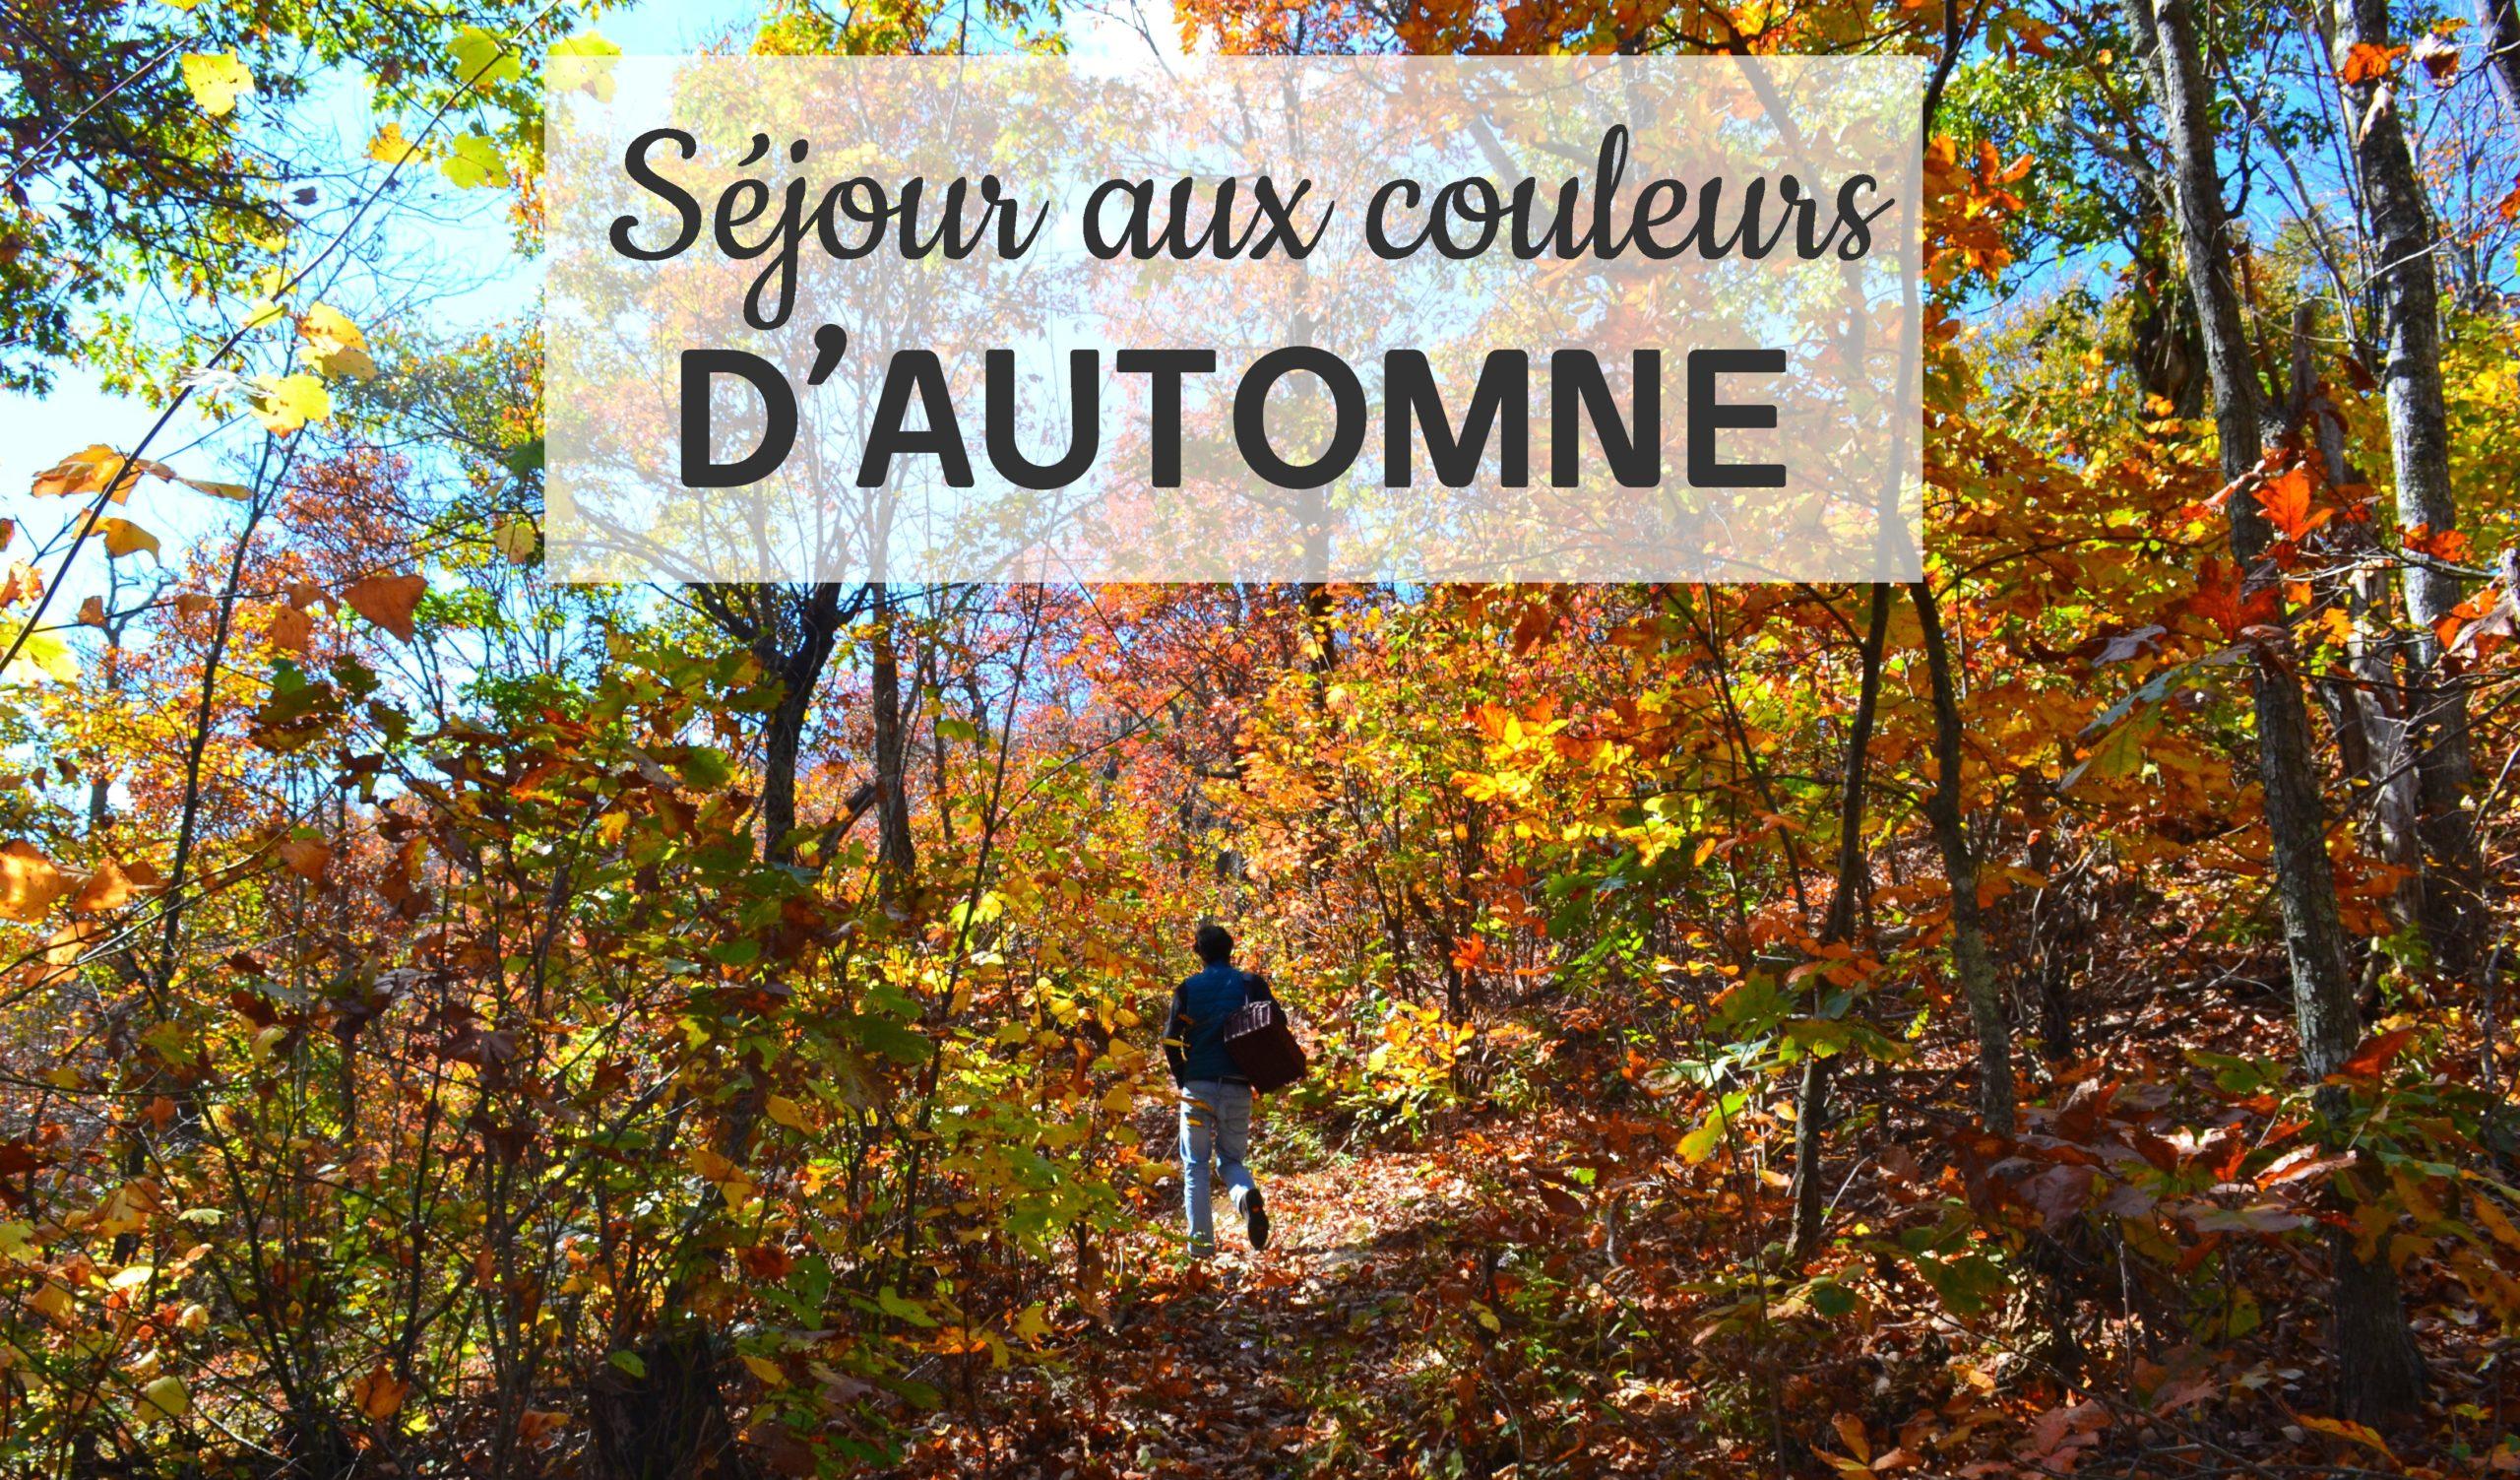 organiser son séjour aux couleurs de l'automne